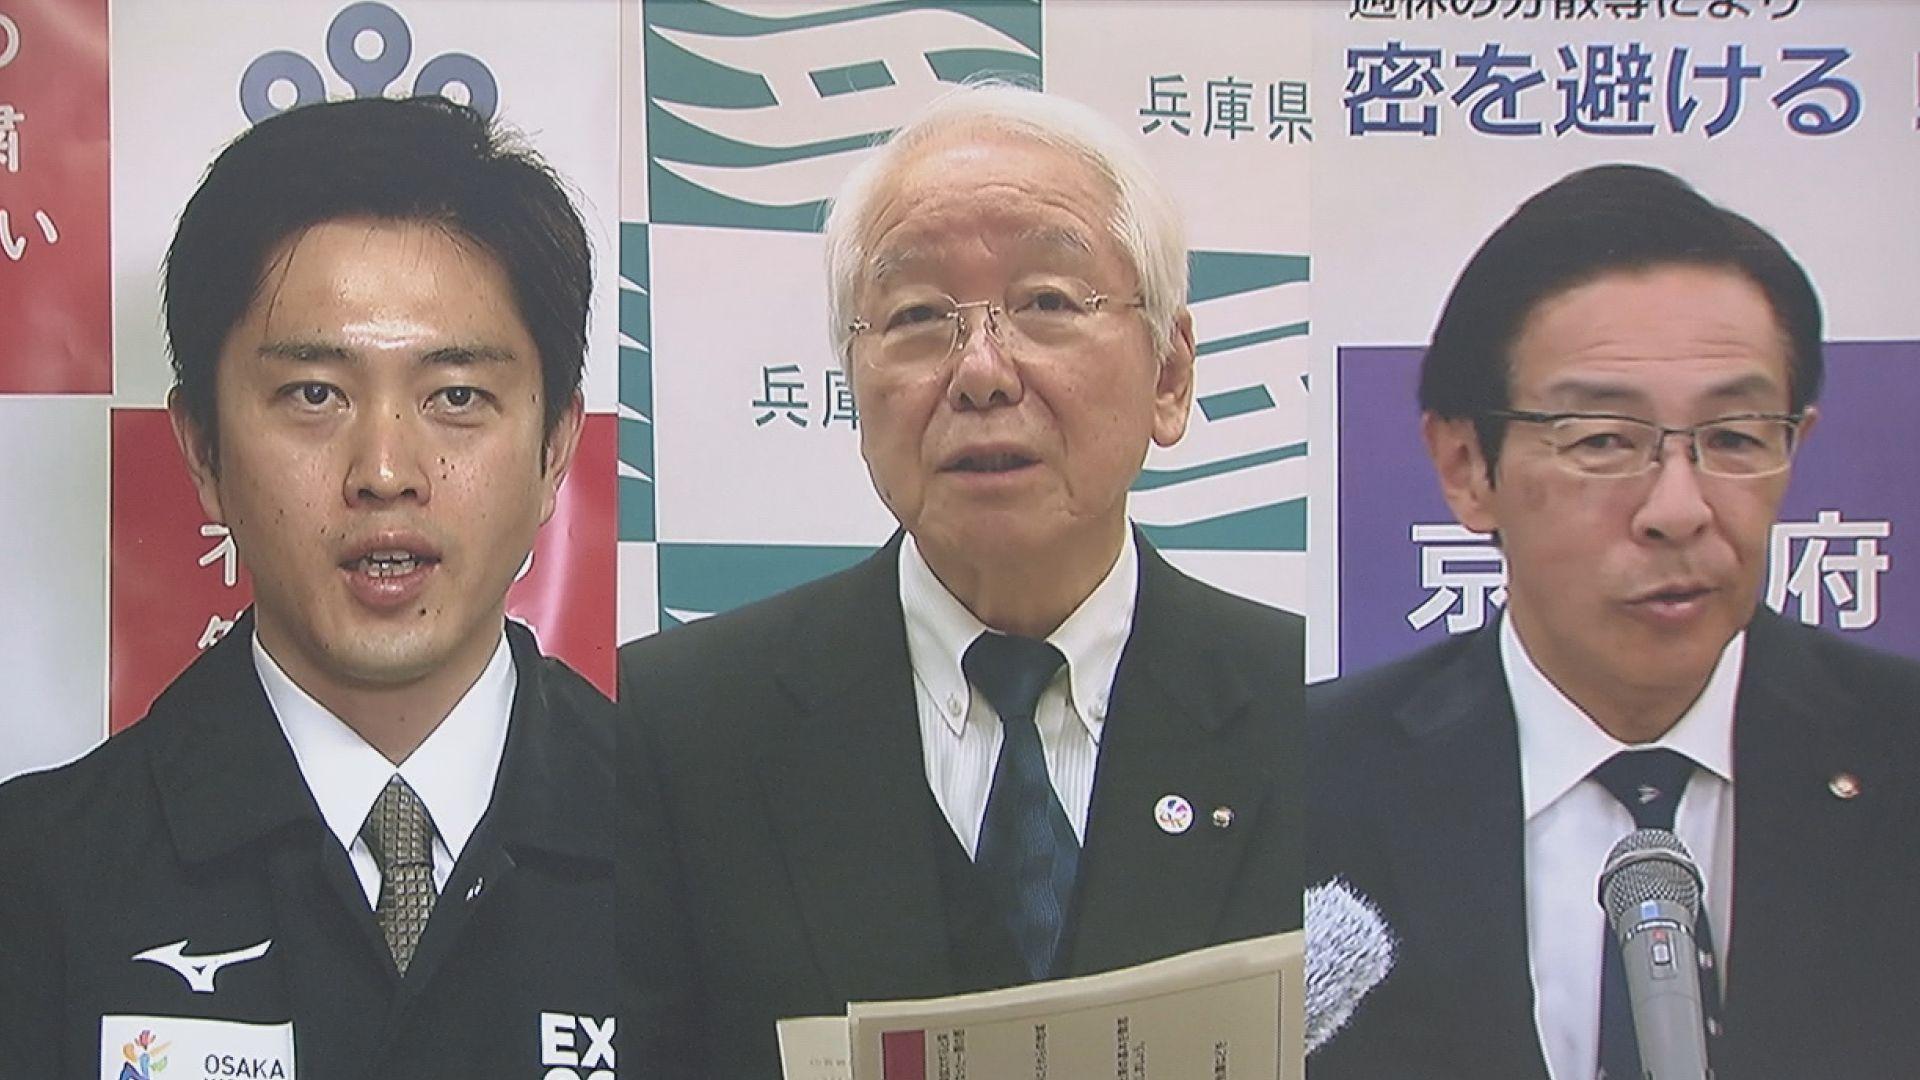 大阪・兵庫・京都に「緊急事態宣言」発令 3知事が対応呼びかけ